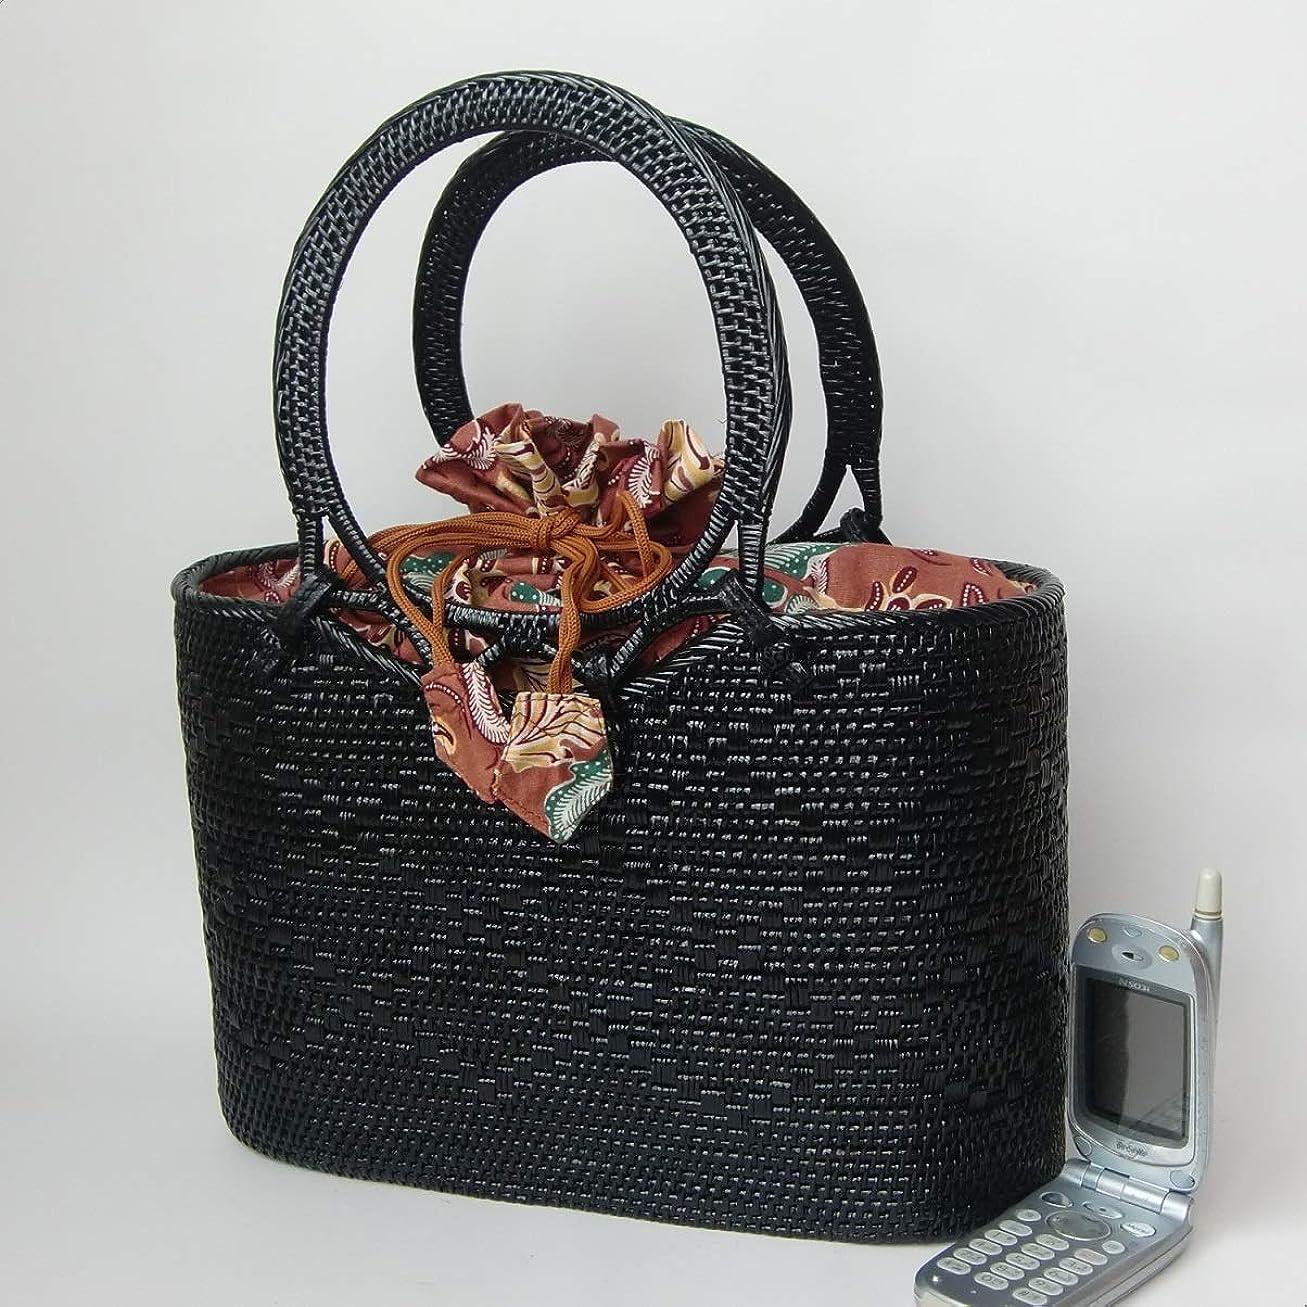 野菜ワードローブ植物学者バリ島製アタバッグ 可愛い持ち手のかごバッグ ブラック